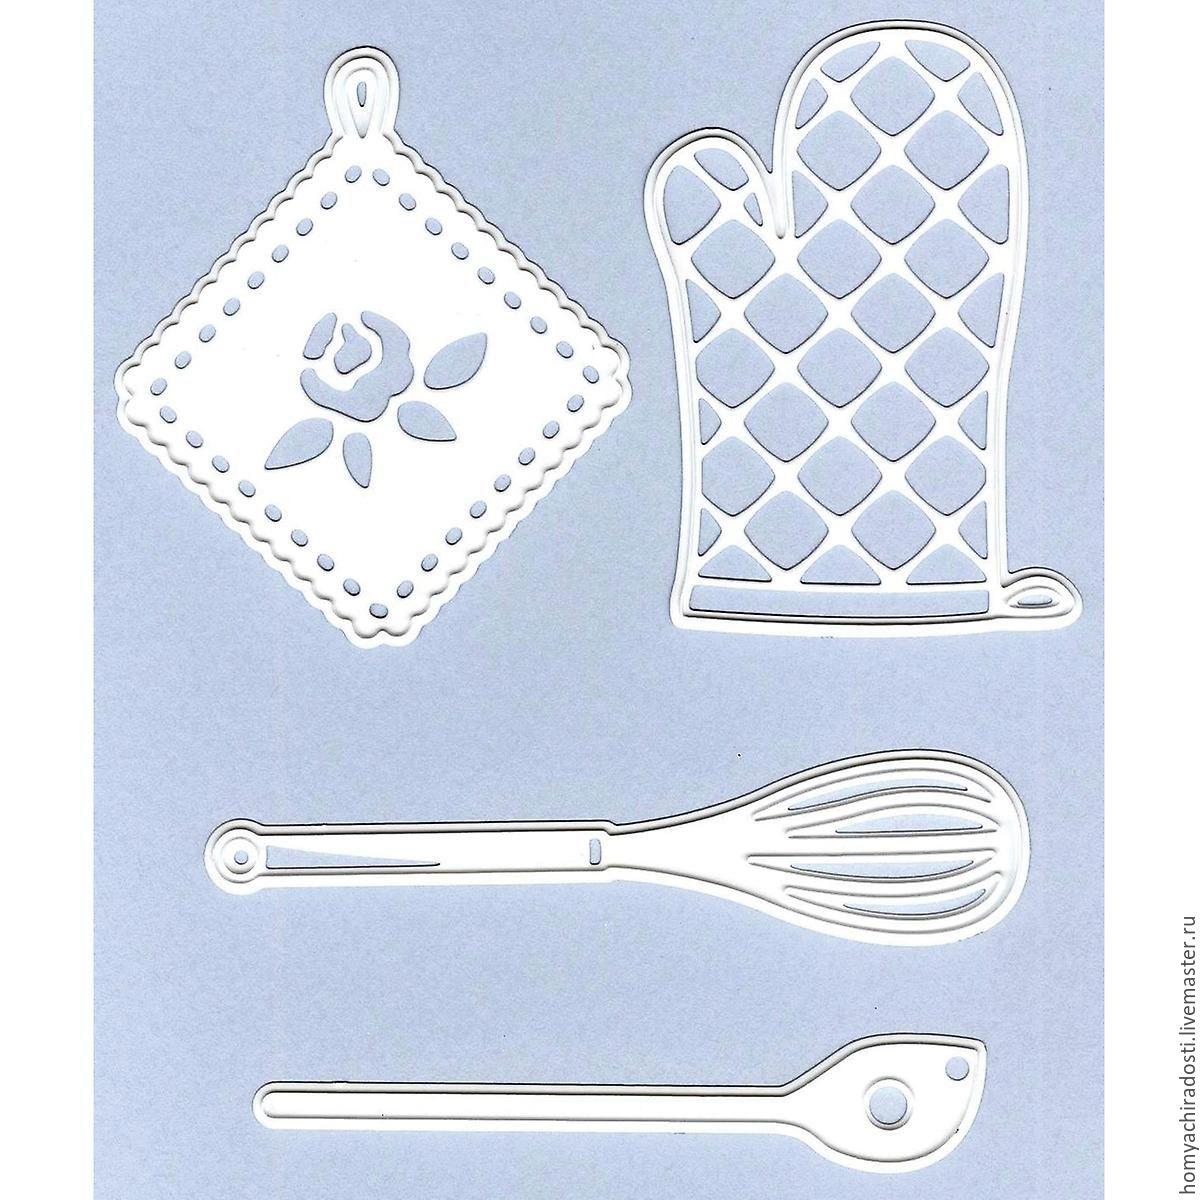 Набор ножей Marianne Design Craft Tables Kichen Set (Кухонный набор), Инструменты для скрапбукинга, Пушкин,  Фото №1